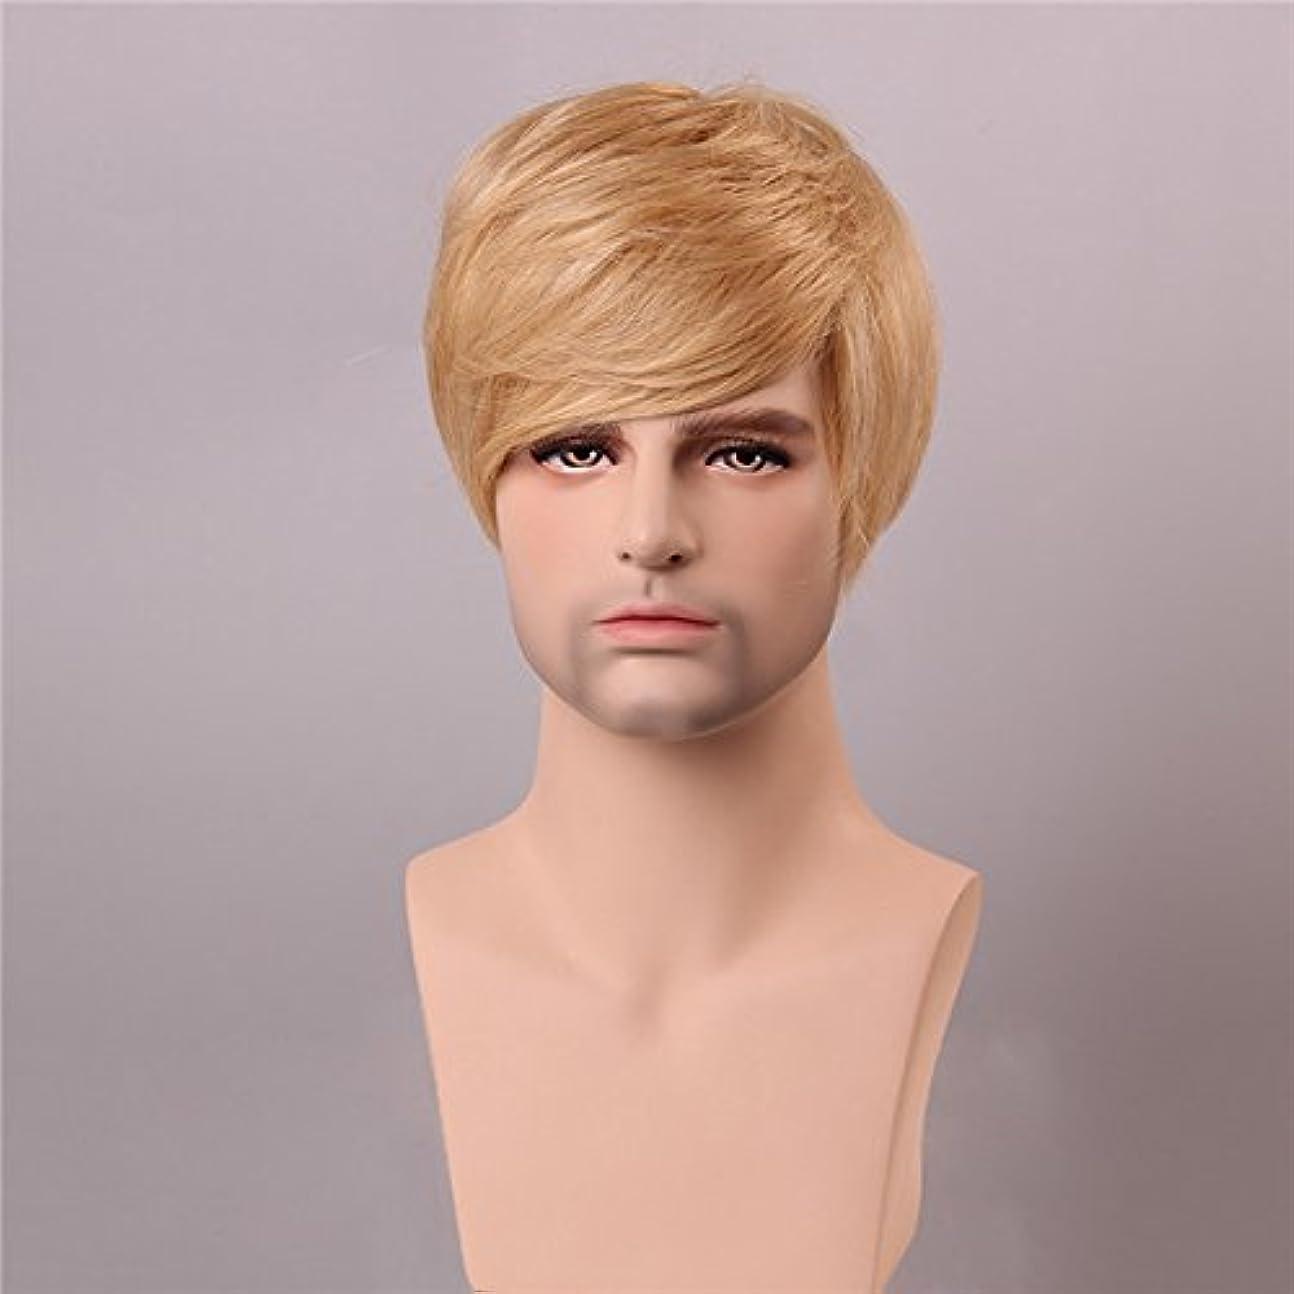 置くためにパック治世ノベルティYZUEYT ブロンドの男性短いモノラルトップの人間の髪のかつら男性のヴァージンレミーキャップレスサイドバング YZUEYT (Size : One size)